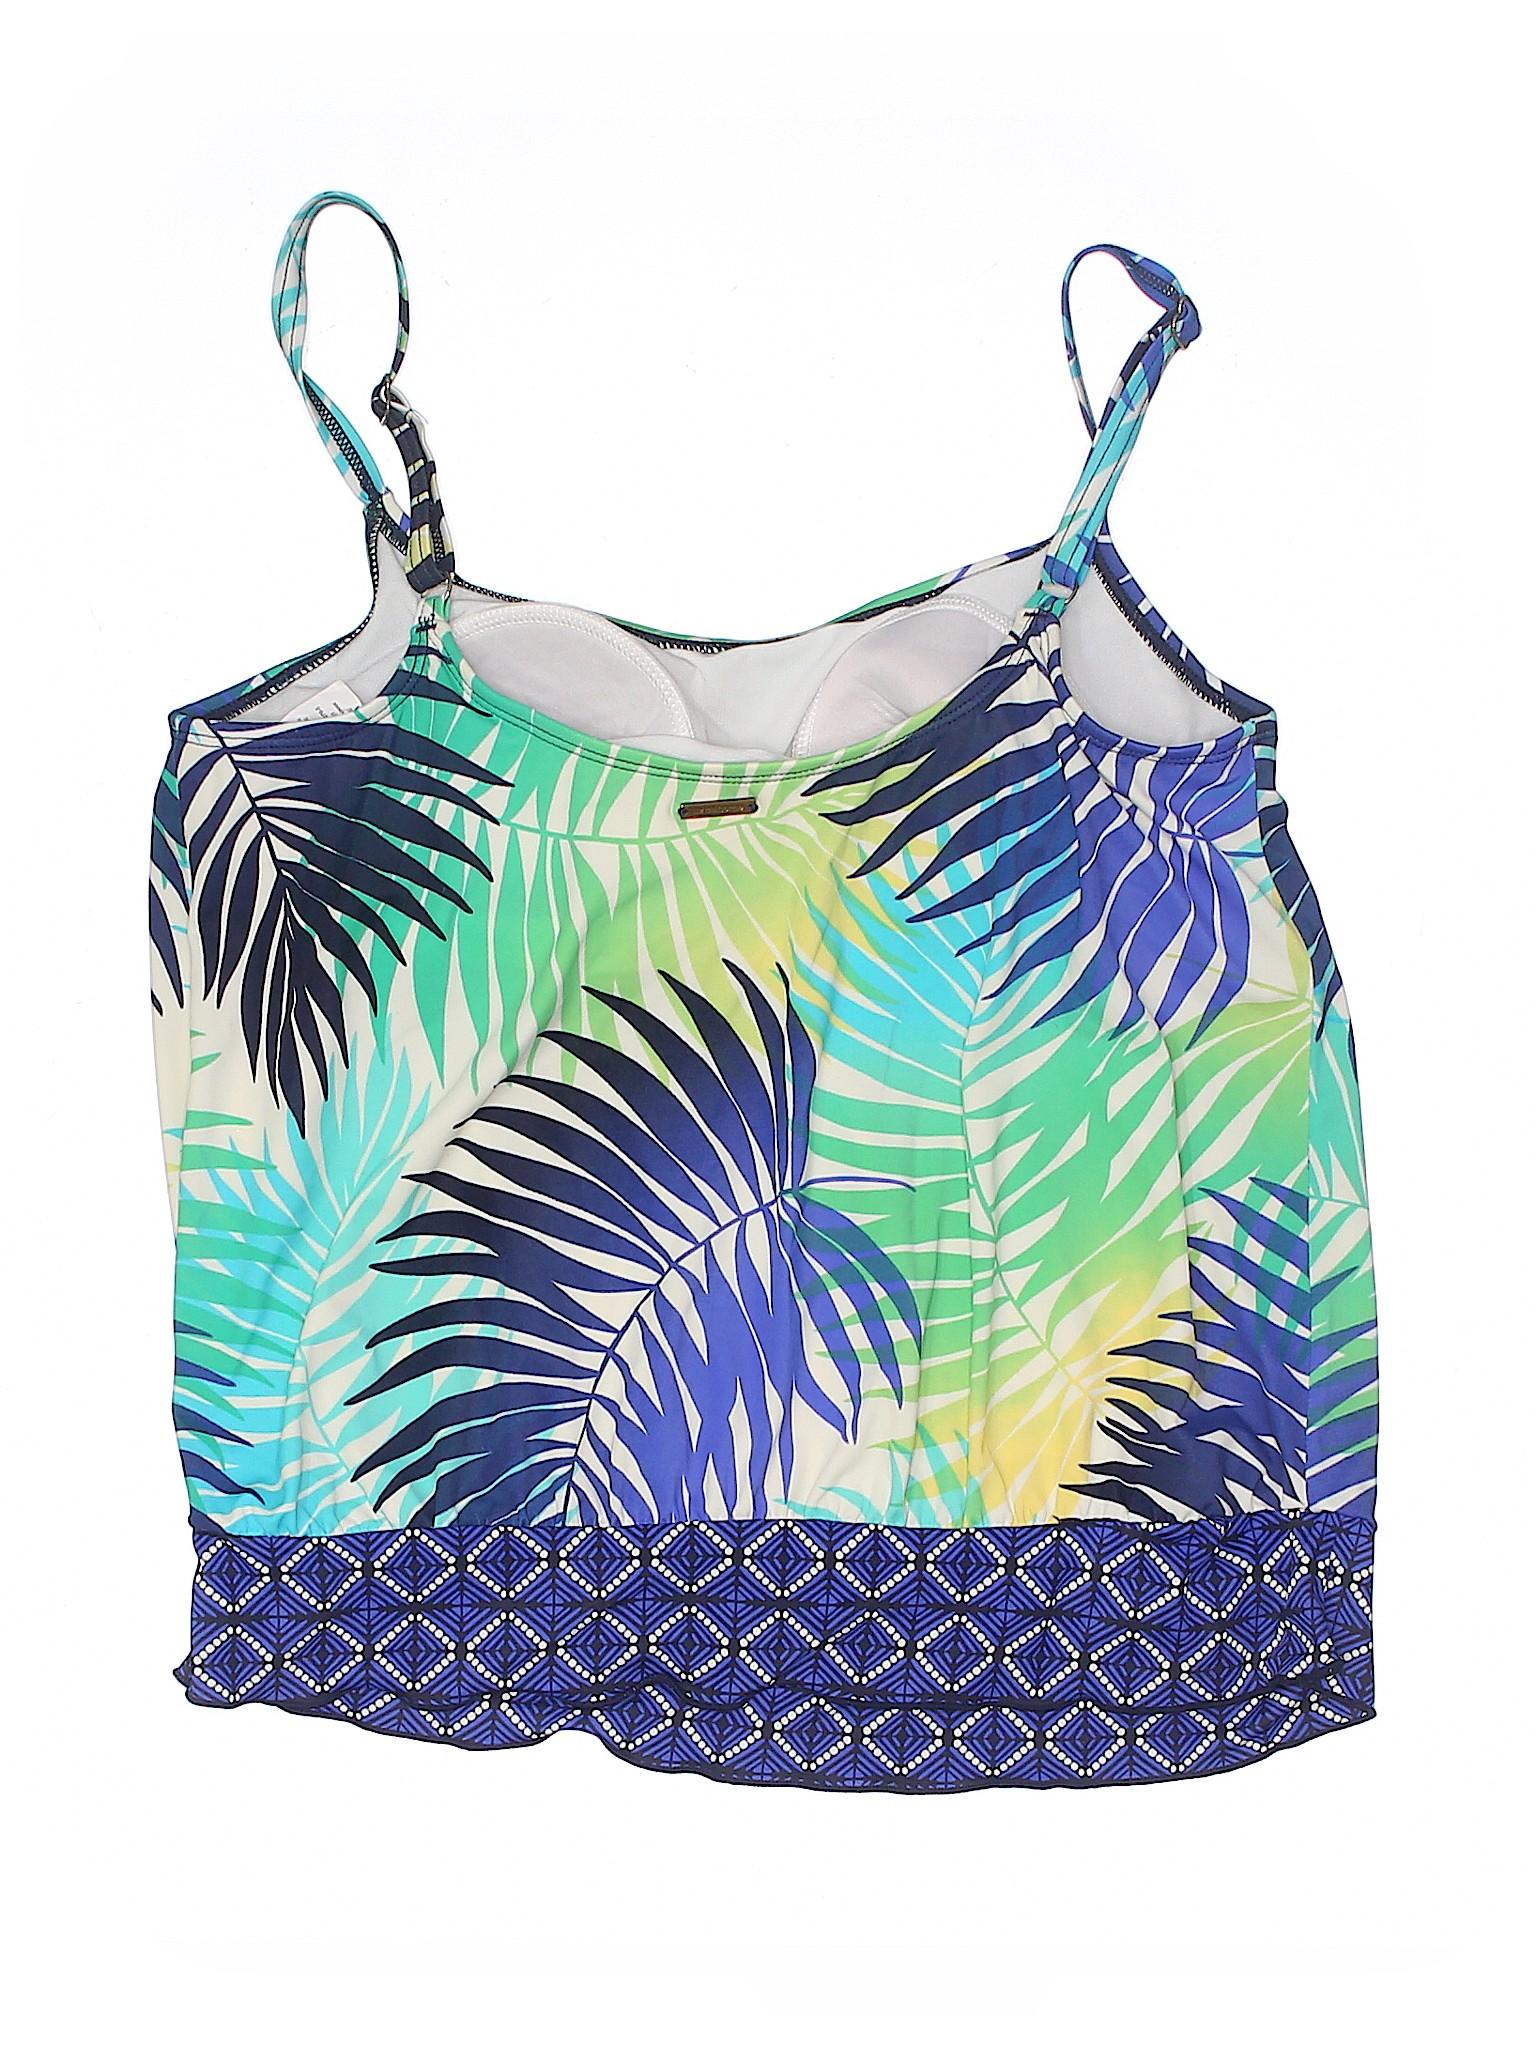 Boutique Liz Top Swimsuit Top Liz Claiborne Claiborne Boutique Swimsuit Boutique Liz X7qC6w7